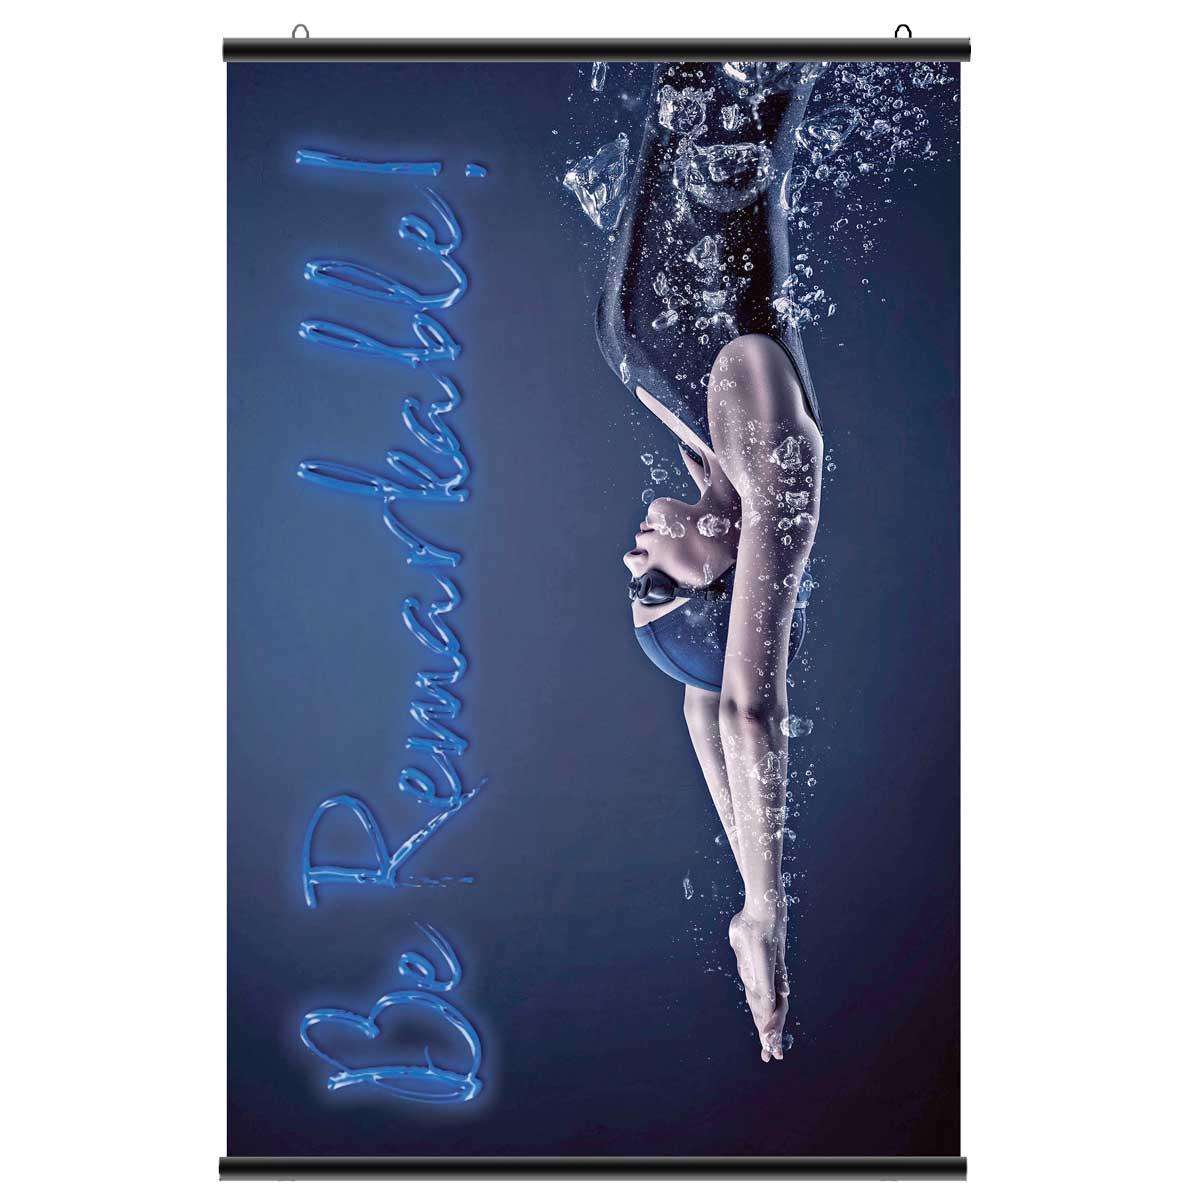 Suport poster tip hanger click NEGRU, JJ DISPLAYS, 420 mm